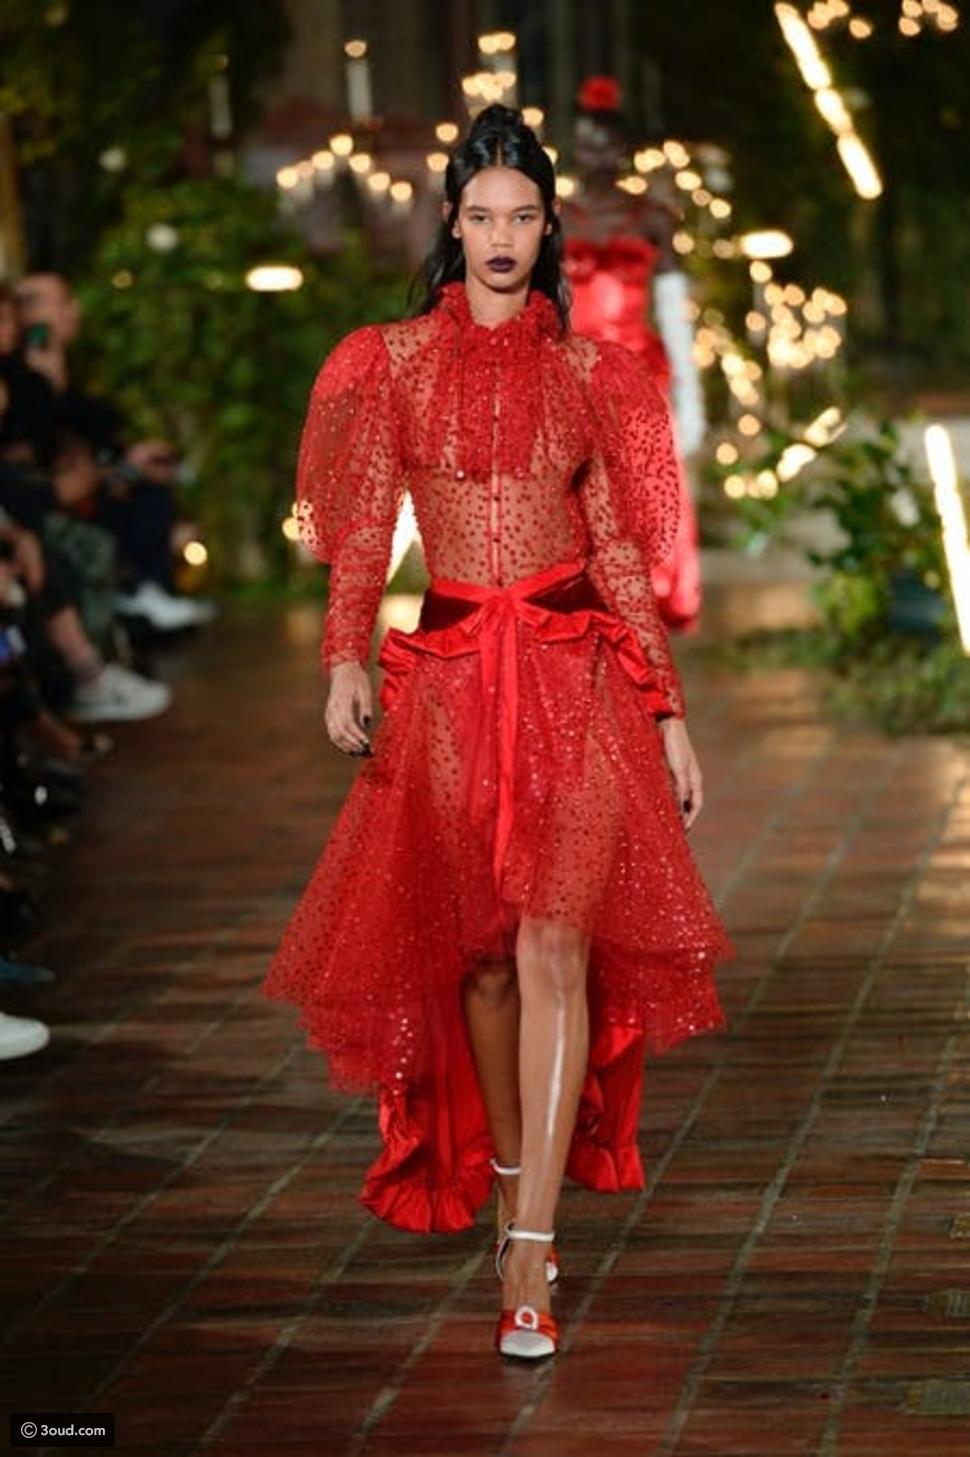 10 chiếc váy mang tính cảm hứng trên sàn diễn Thu Đông - 6